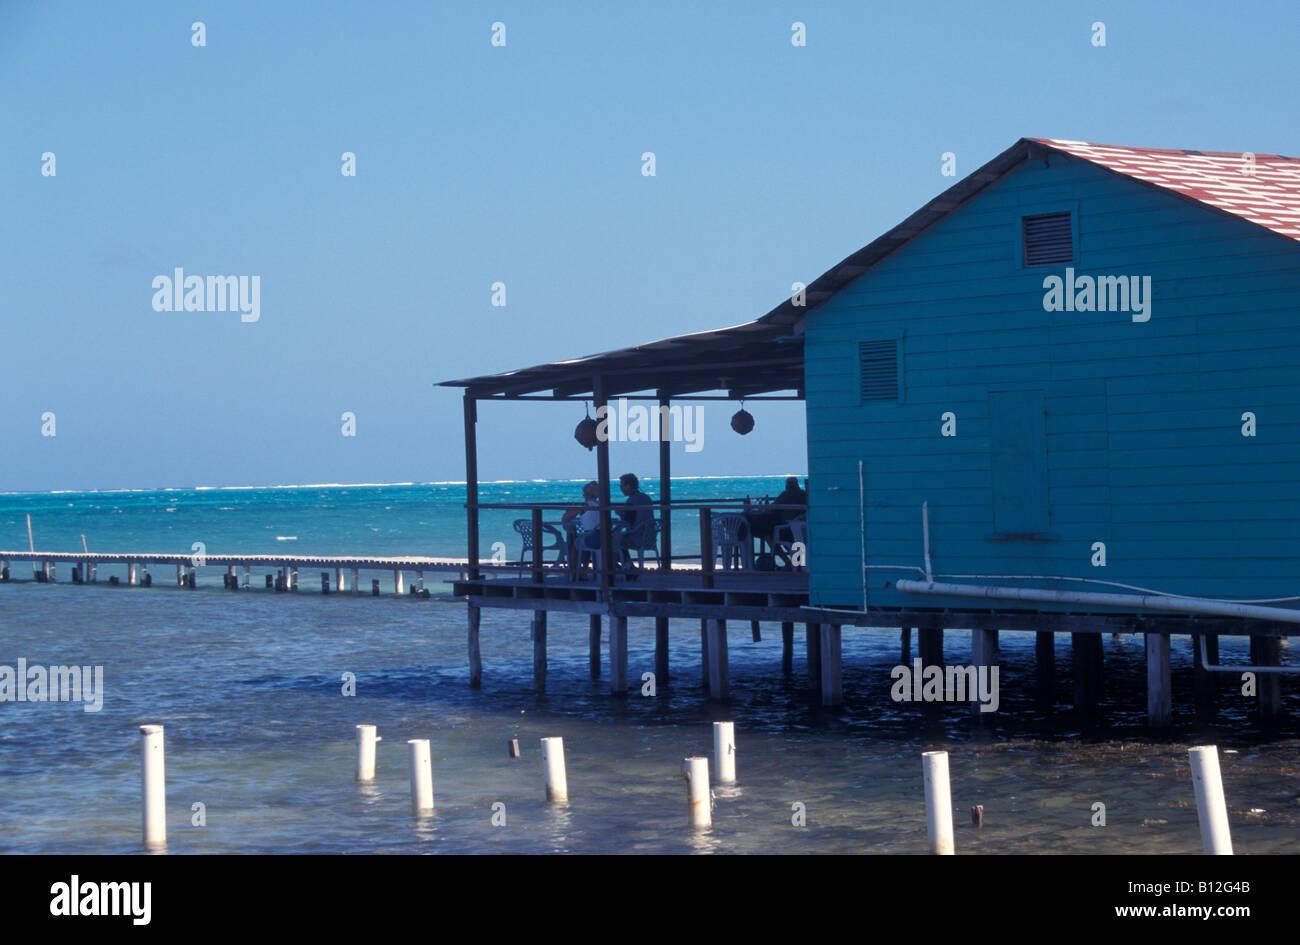 waterside-seaside-bar-and-restaurant-on-stilts-caye-caulker-belize-B12G4B.jpg